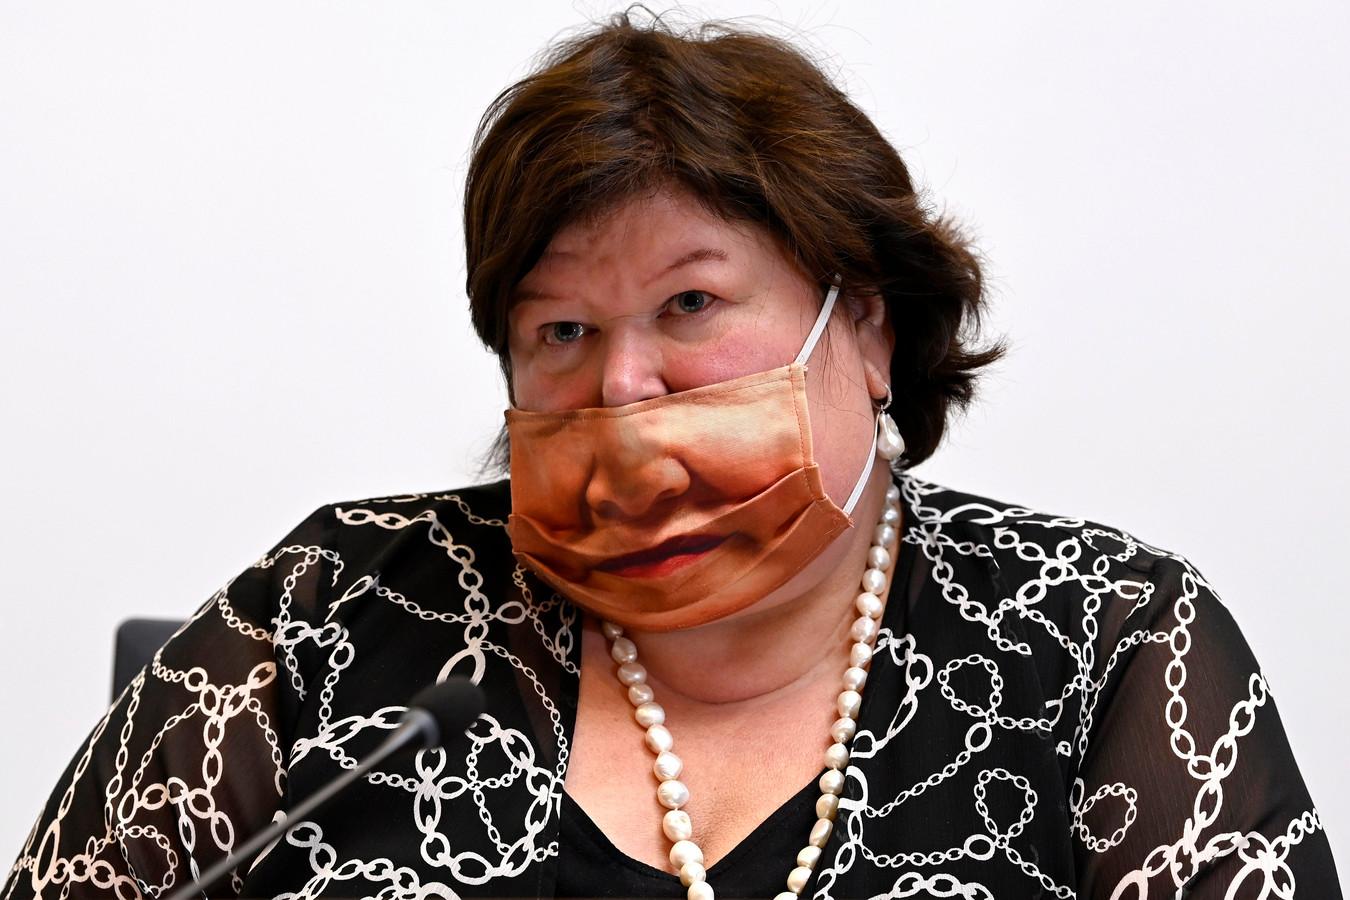 Minister De Block kwam met een opvallend mondmasker naar de Kamer gisteren, al droeg ze het niet altijd even correct.